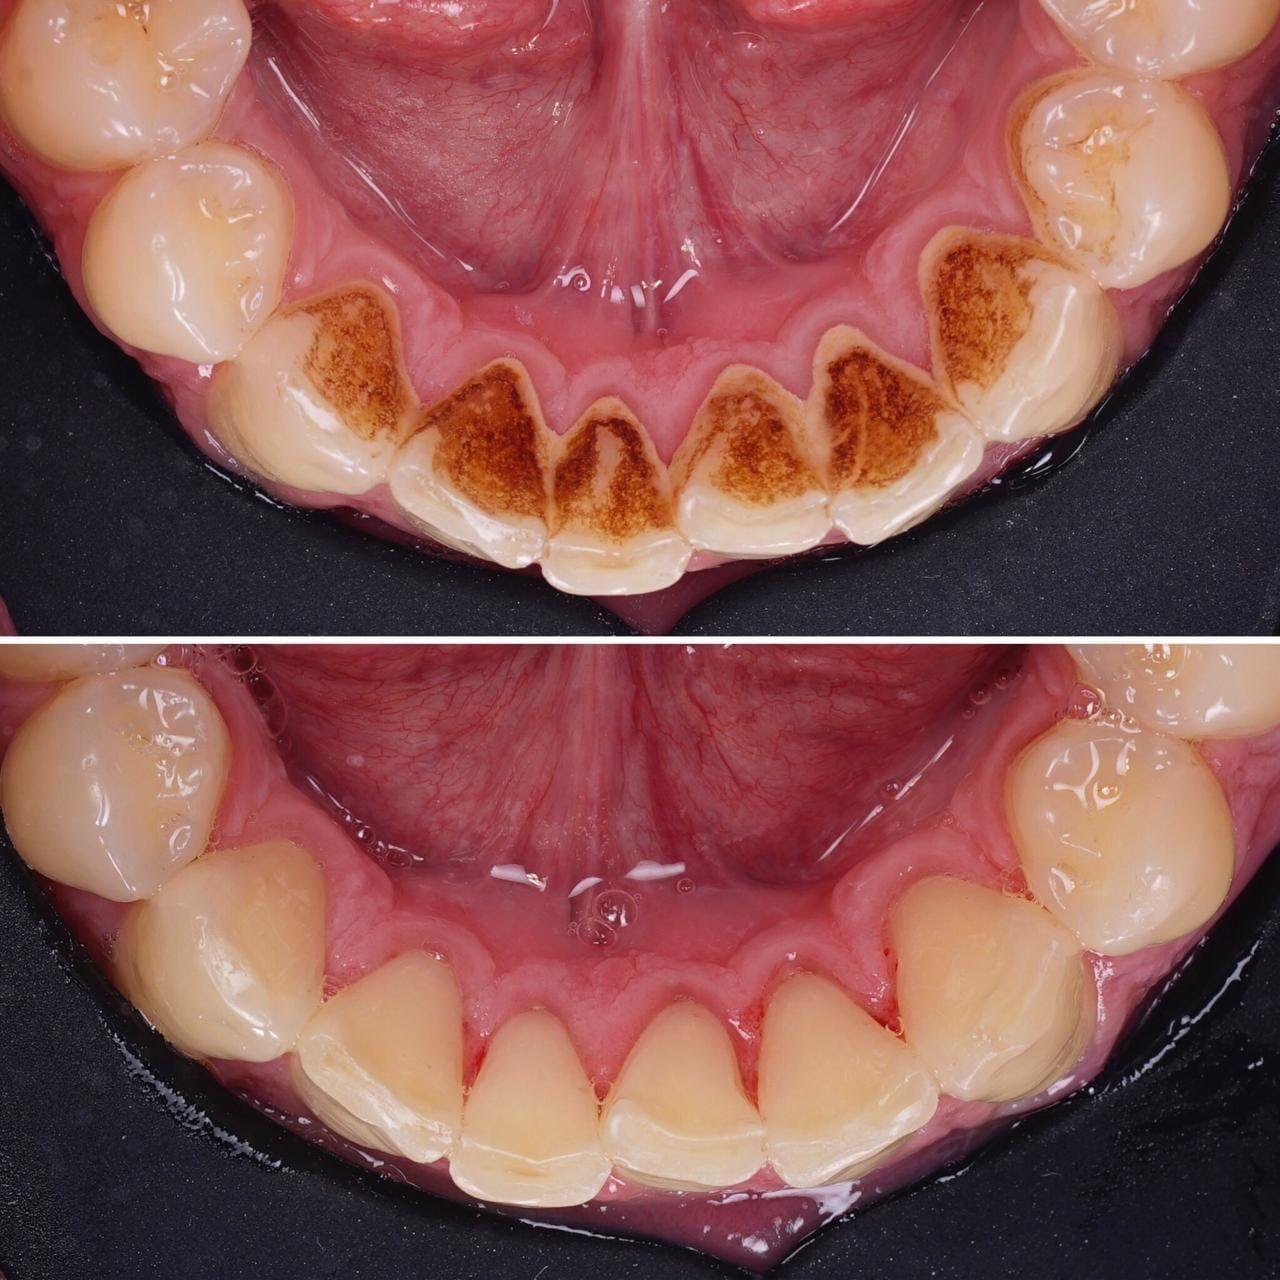 Почему вам нужна именно профессиональная гигиена зубов? 0